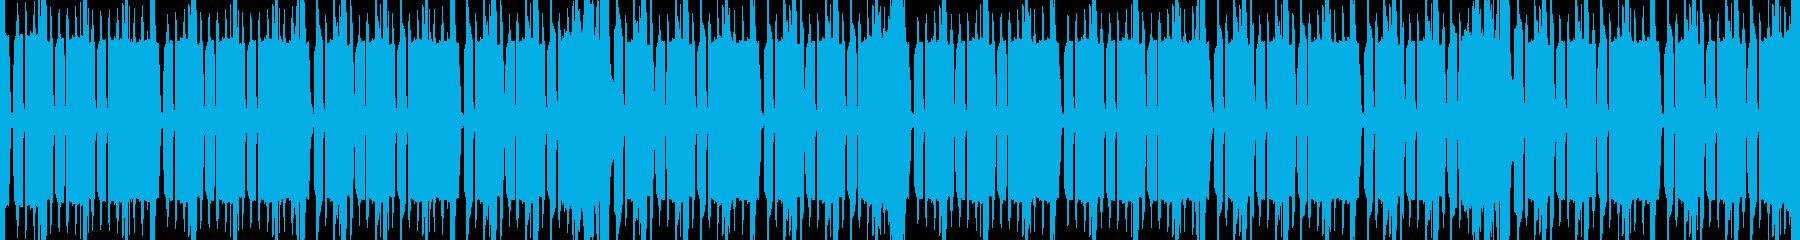 8bit・チップチューン・ピコピコの再生済みの波形